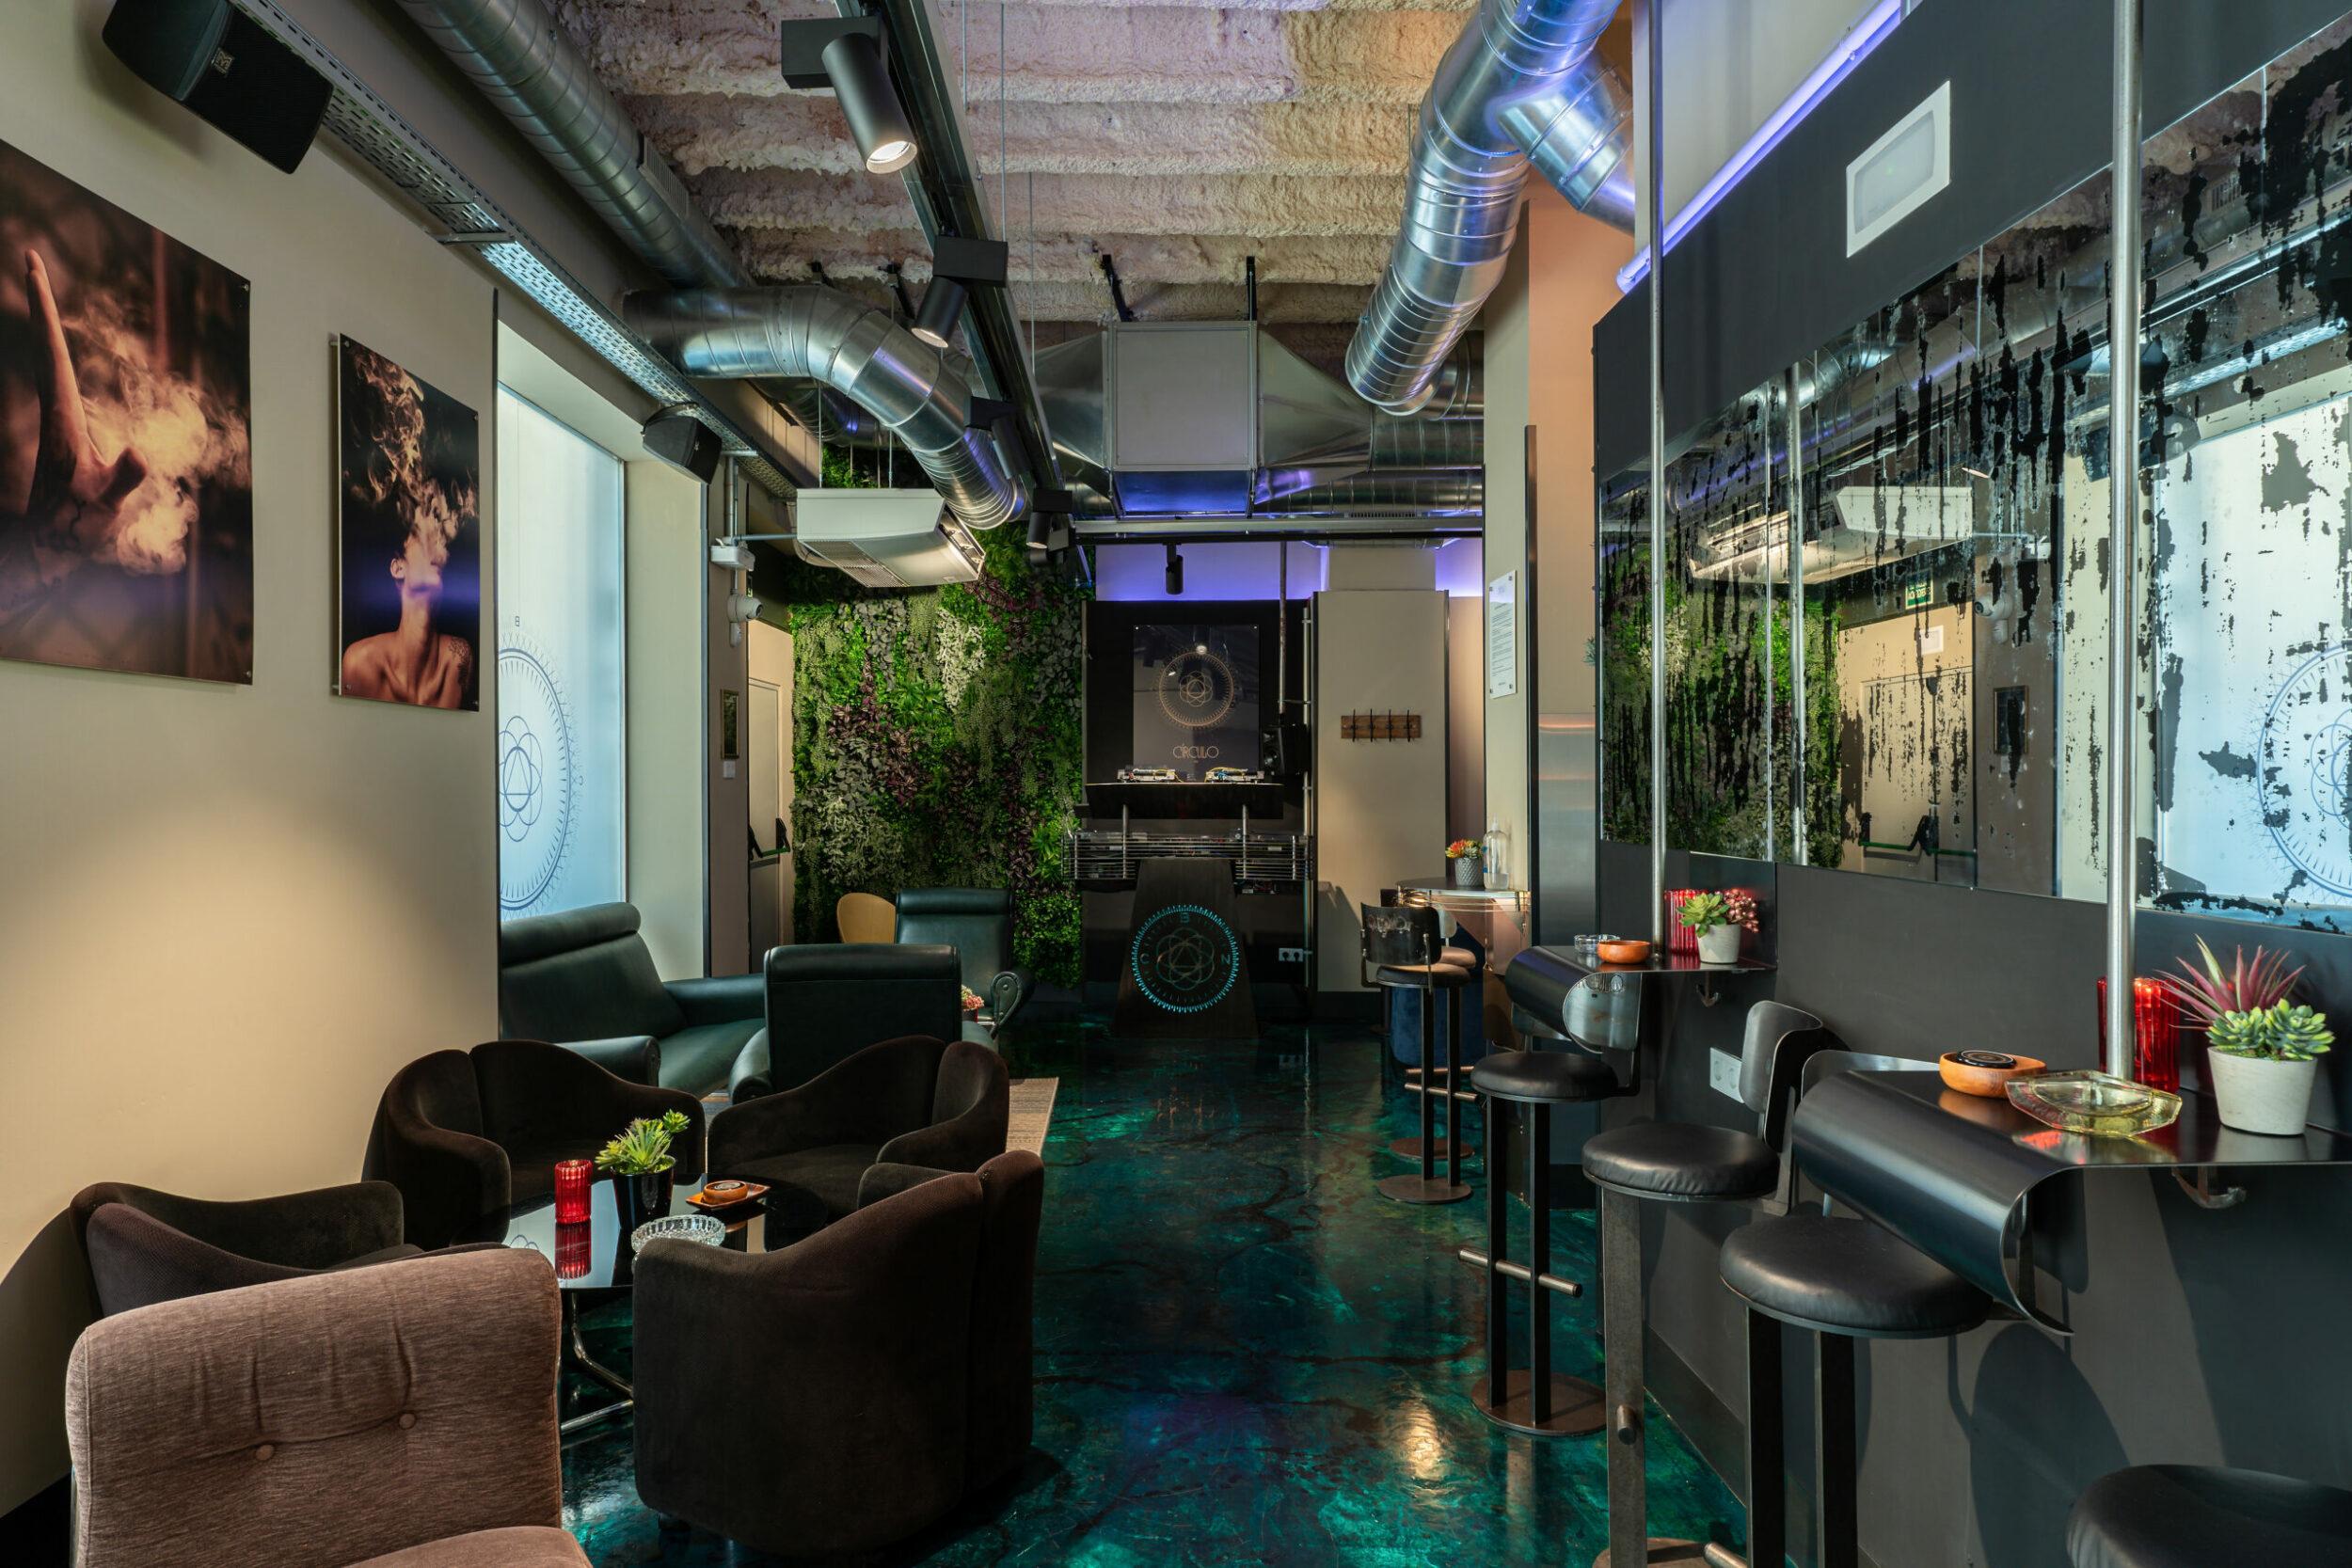 Soft sofas and a DJ console of the marijuana club